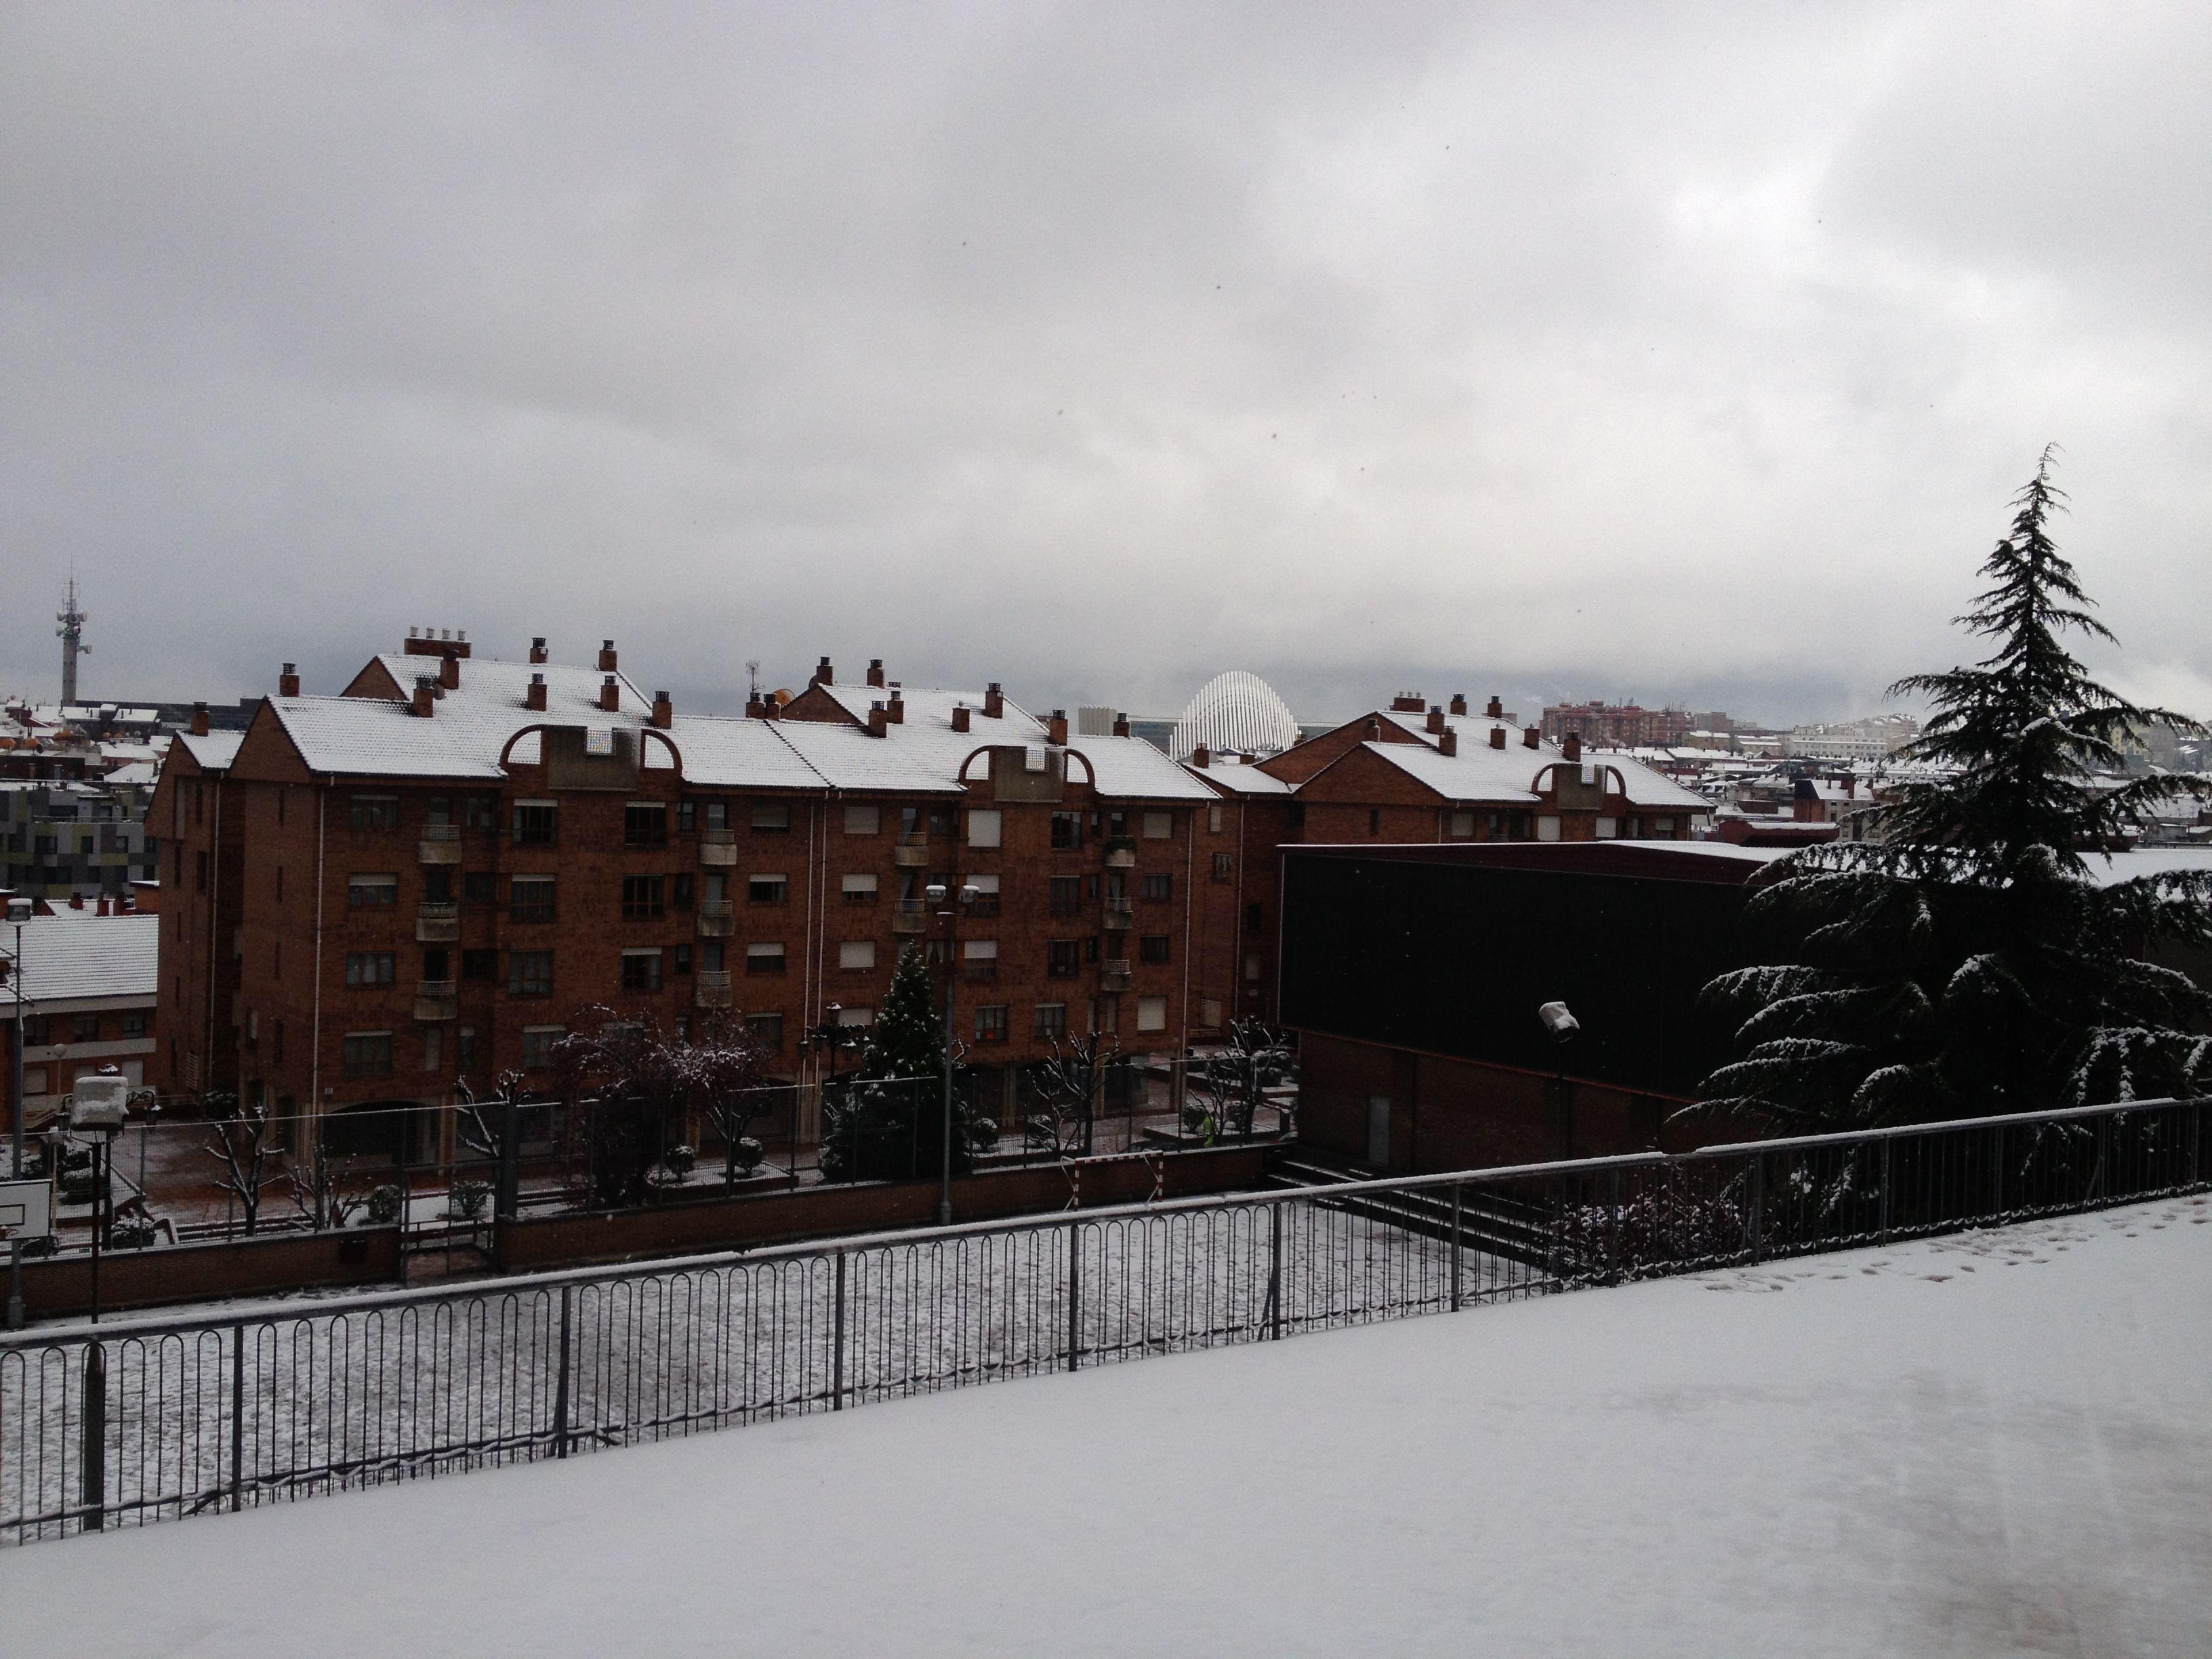 Colegio Auseva, Marzo 2013. Con el movimiento de traslación de la Tierra se suceden las estaciones del año, el Invierno, suave en Oviedo, alguna vez nos regala una nevada como esta.